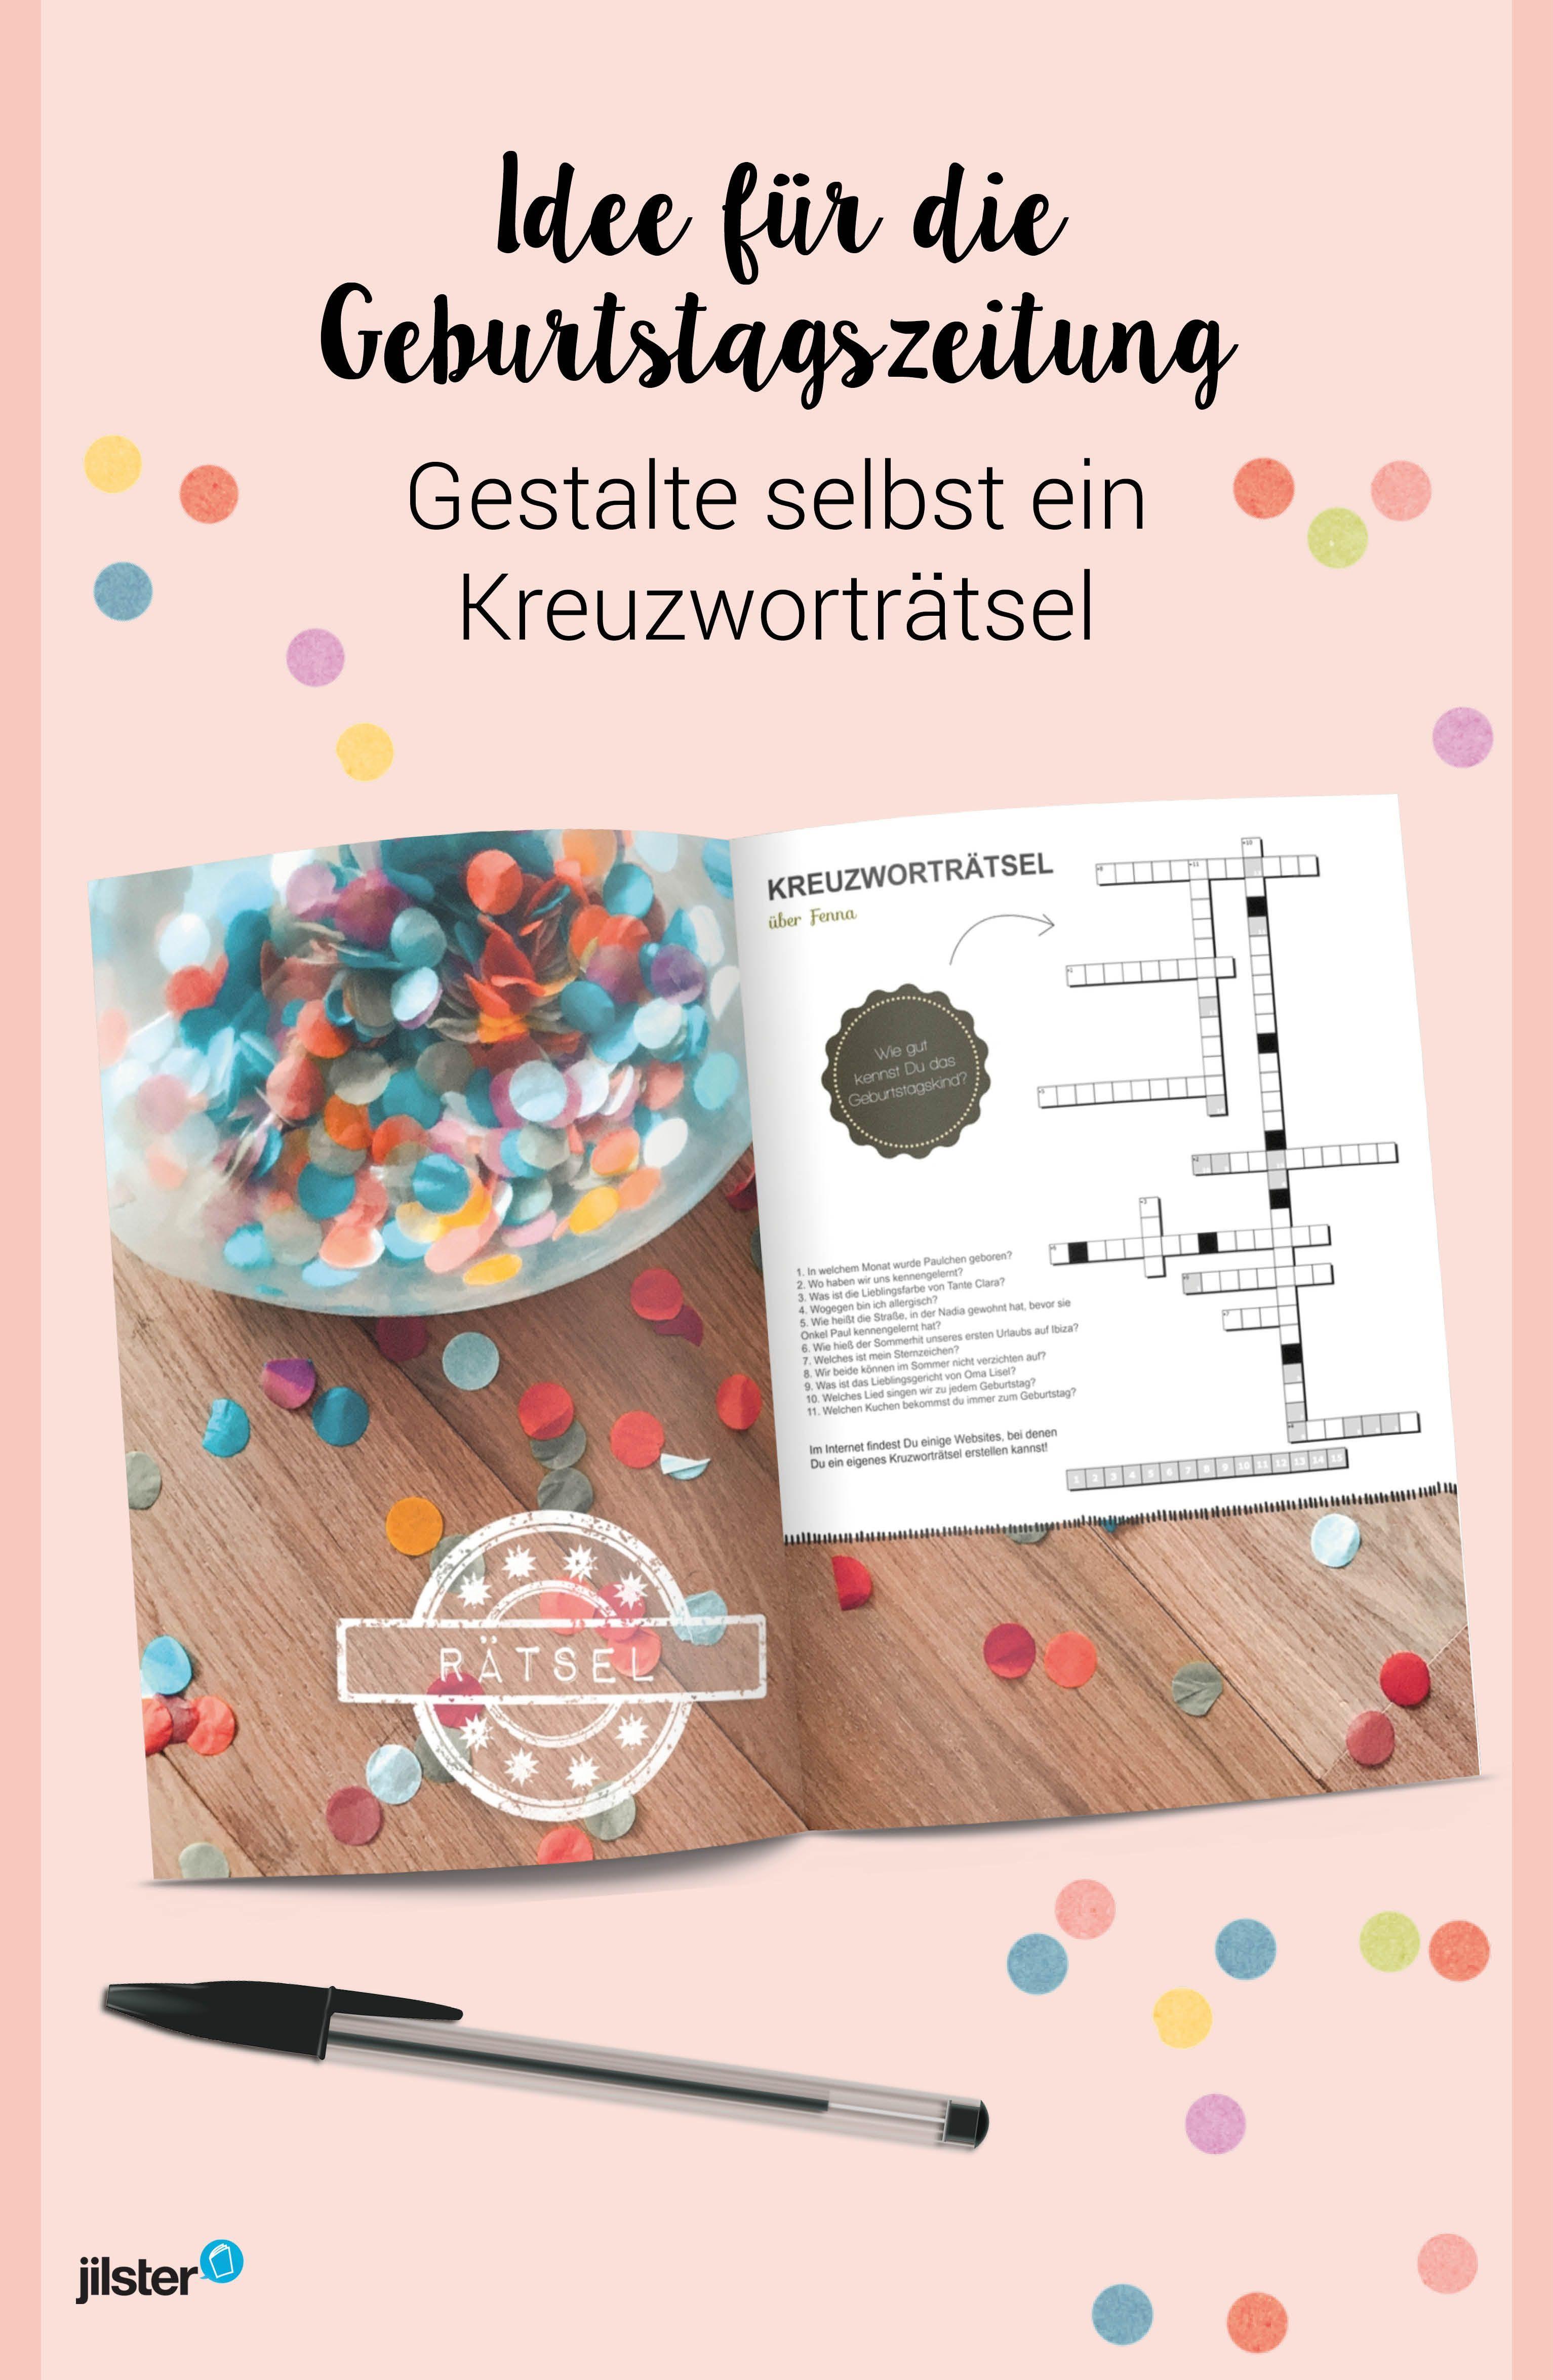 Ratsel Fur Die Selbst Gestaltete Geburtstagszeitung